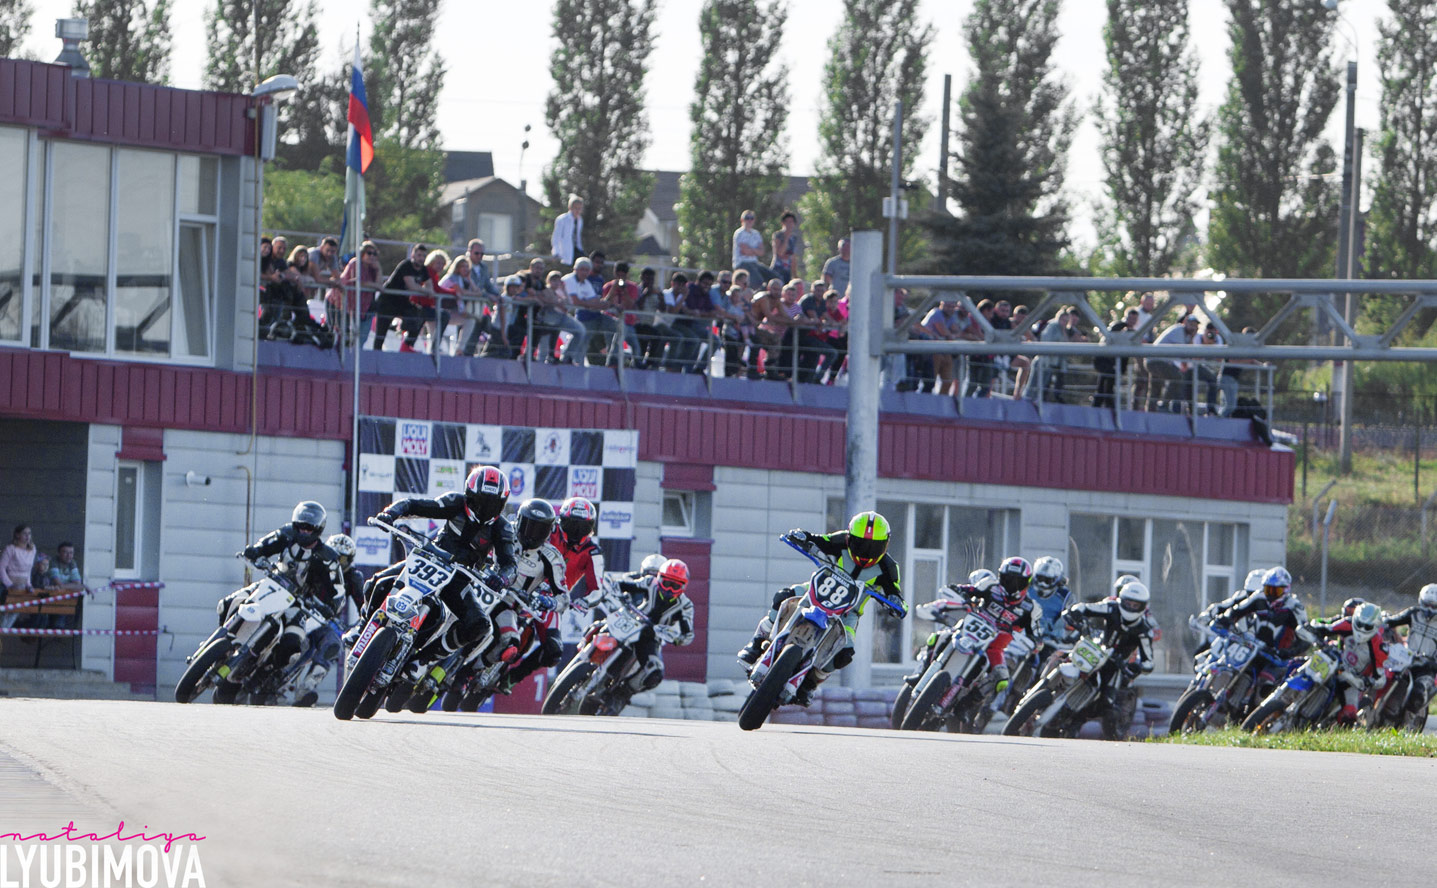 Чемпионат Супермото: Яркое выступление атлетов Яхнич Моторспорт в Курске!